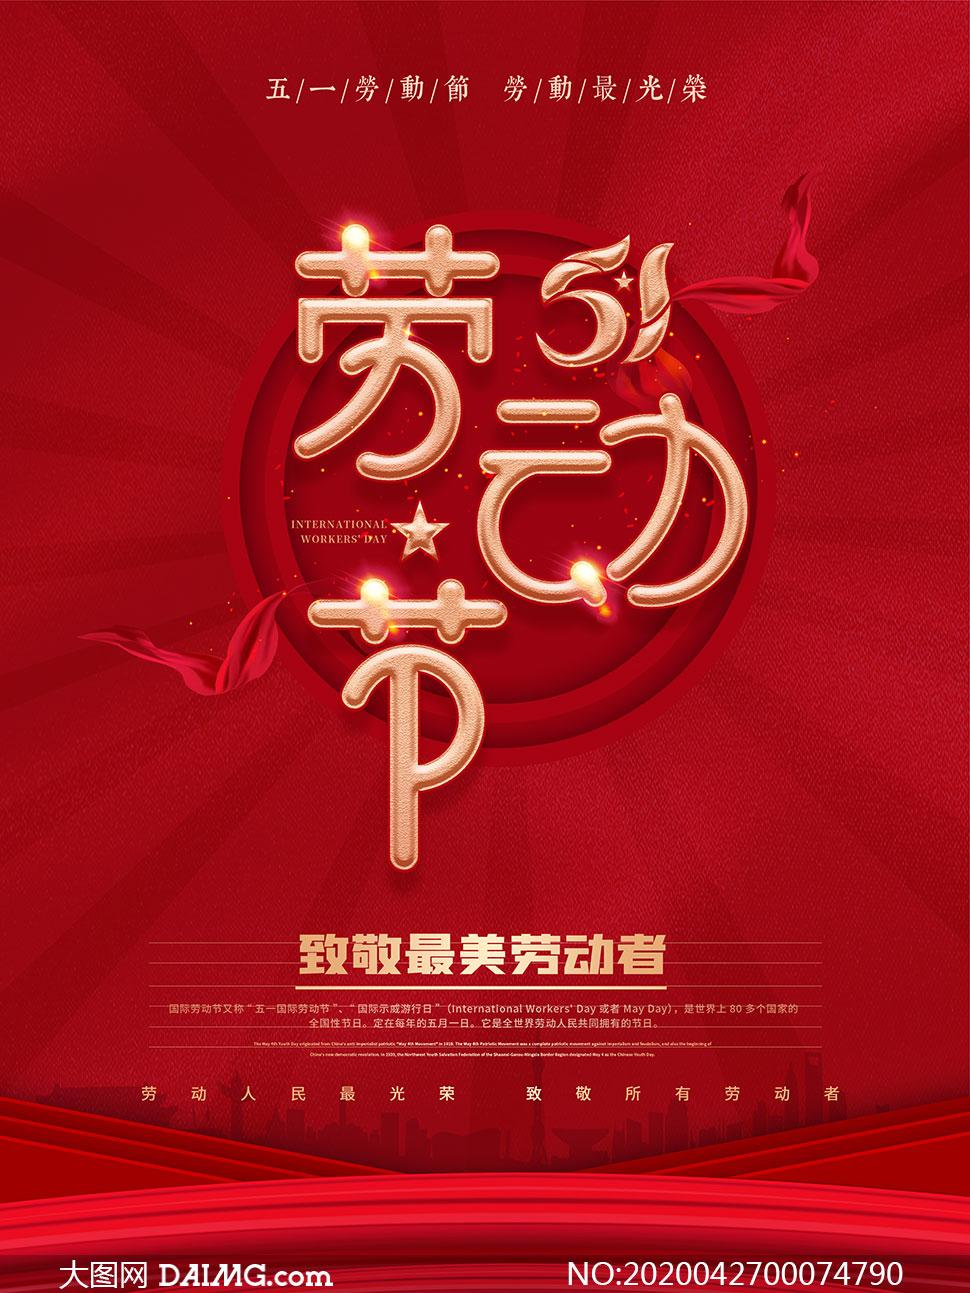 51劳动节致敬最美劳动者宣传海报设计